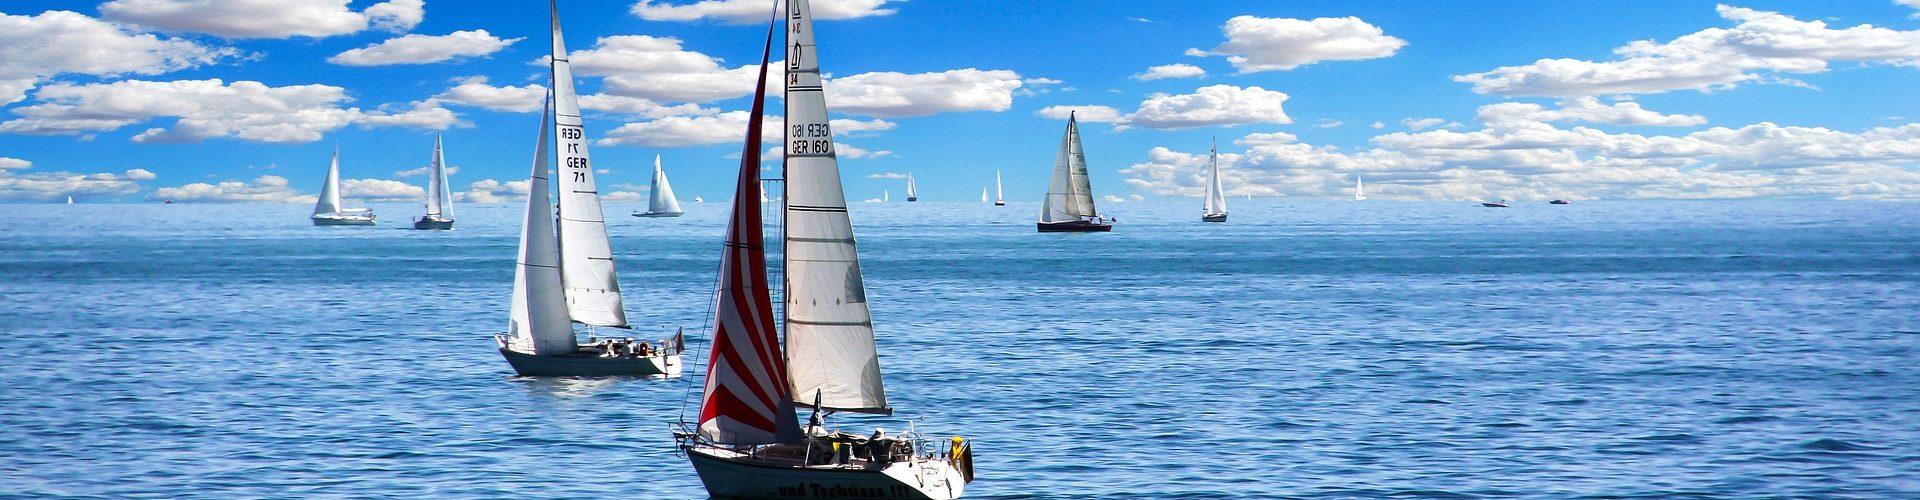 segeln lernen in Schluchsee segelschein machen in Schluchsee 1920x500 - Segeln lernen in Schluchsee